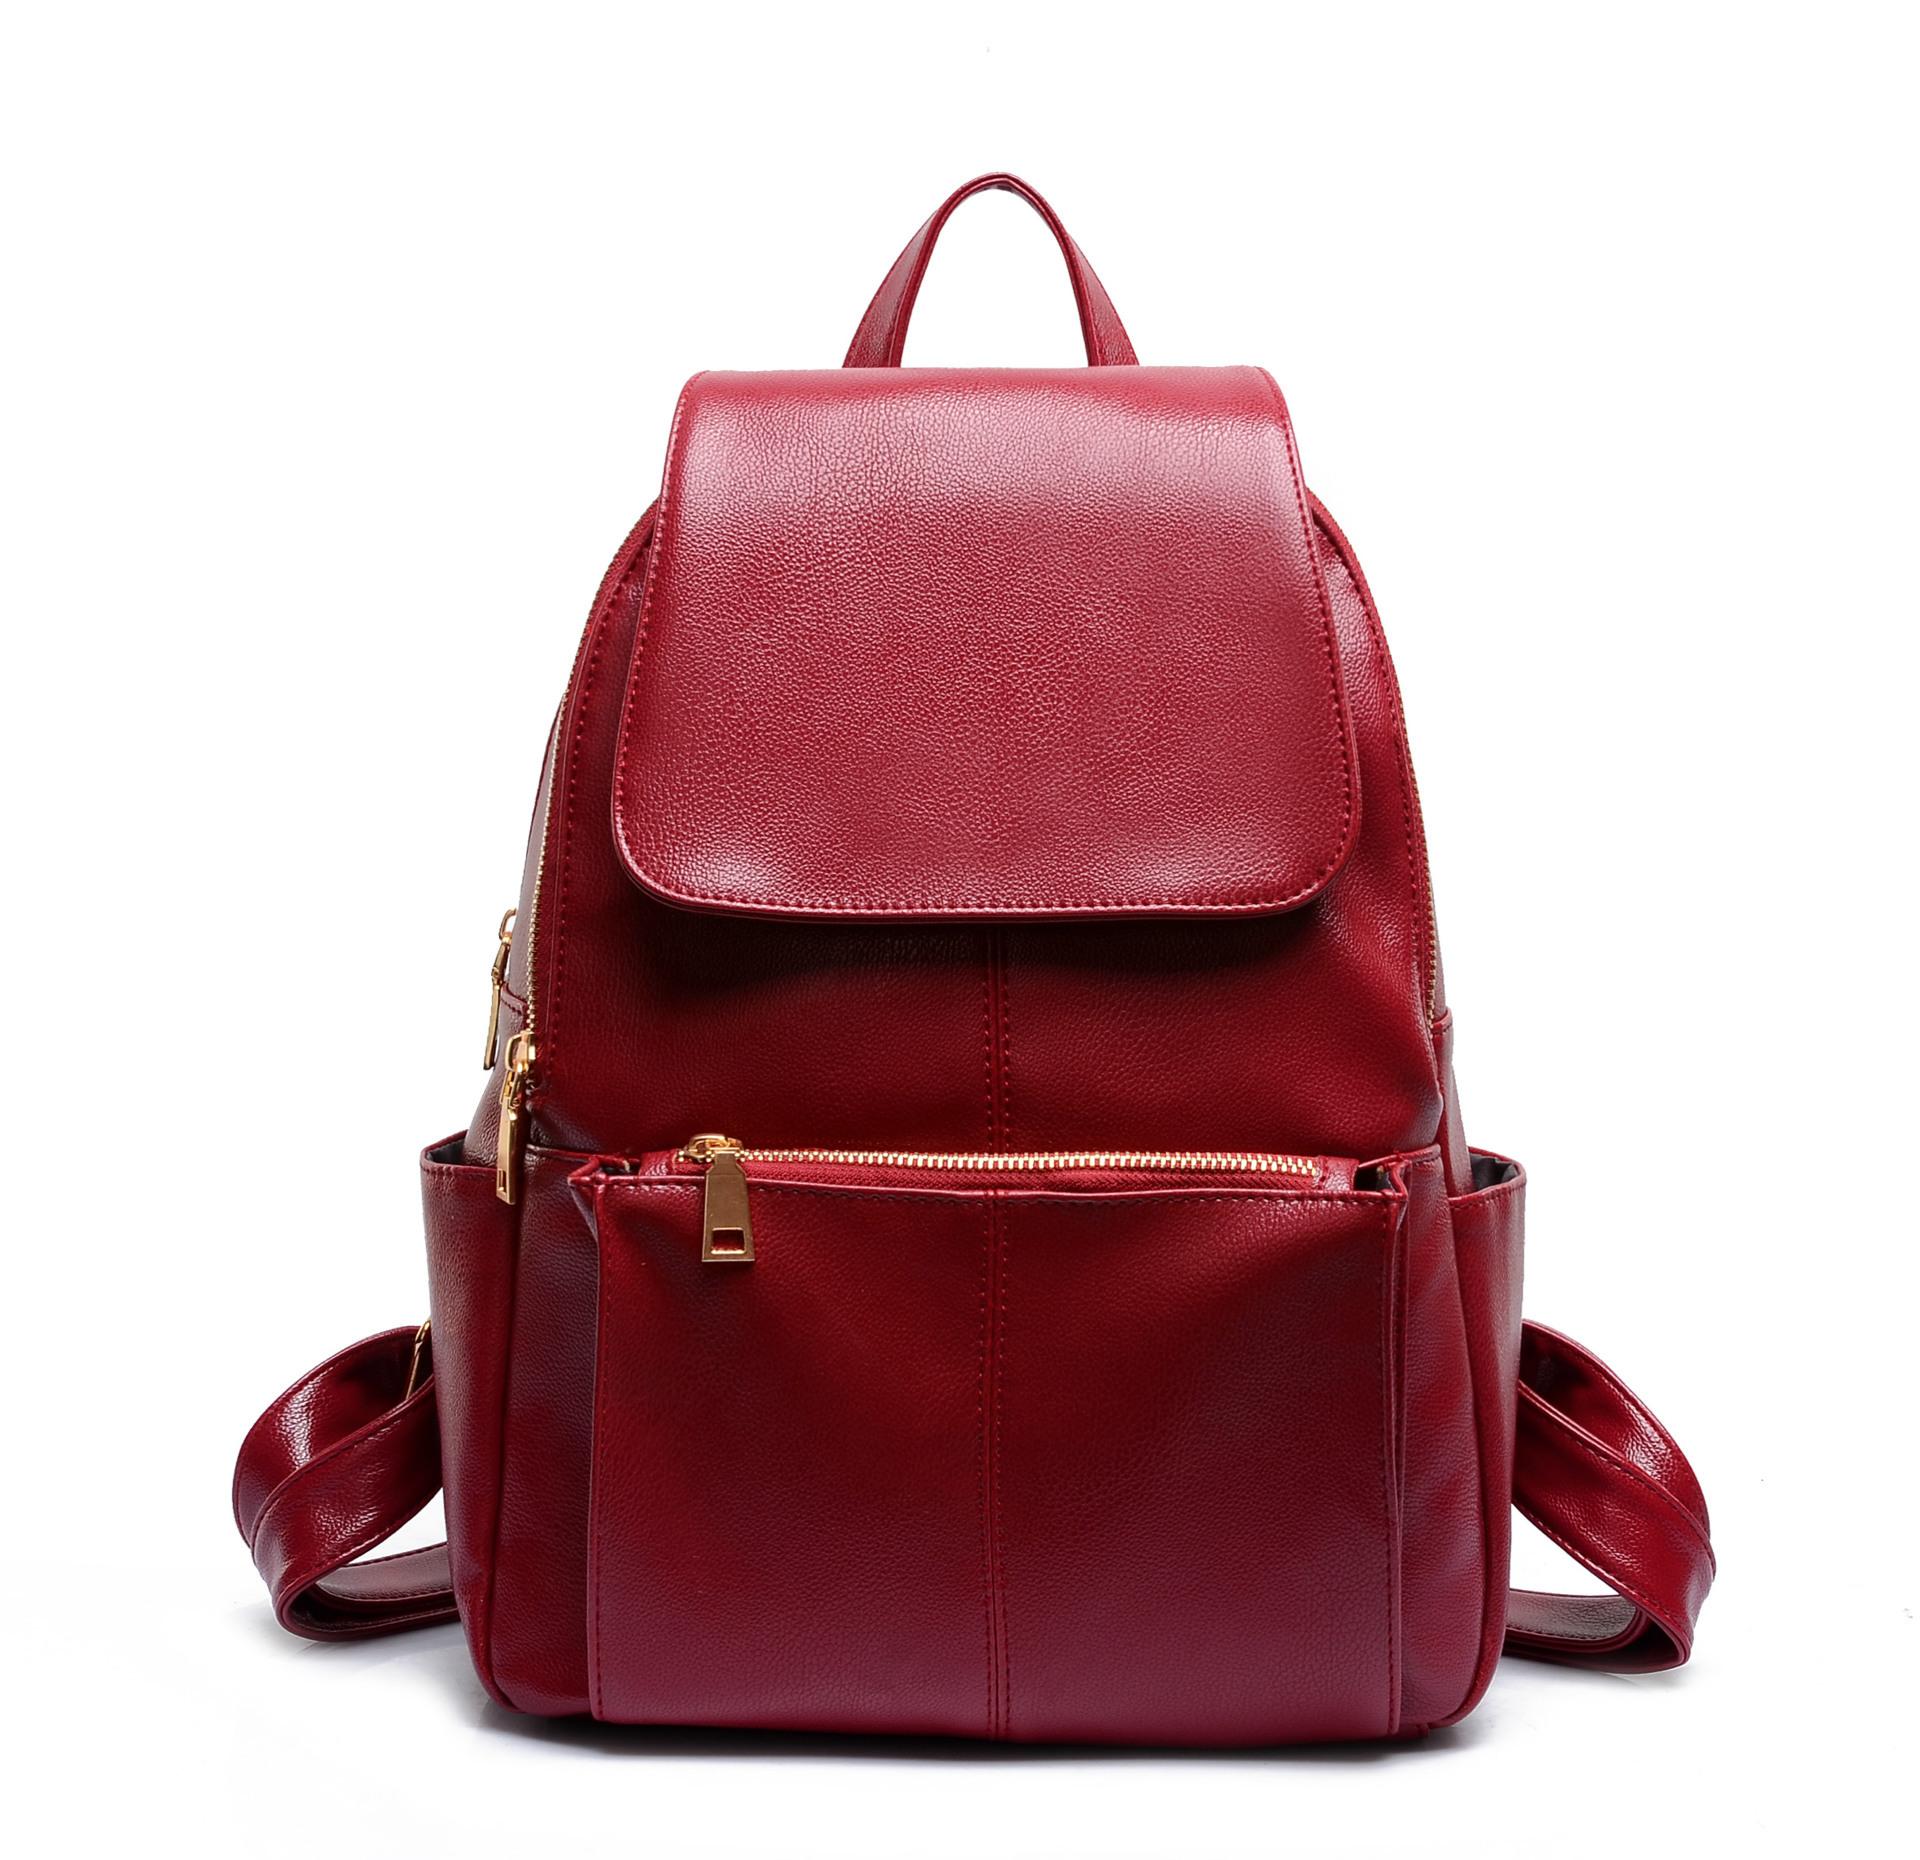 Весна/лето 2017 новый рюкзак молния школа женского случайные рюкзак стиль сумка рюкзак